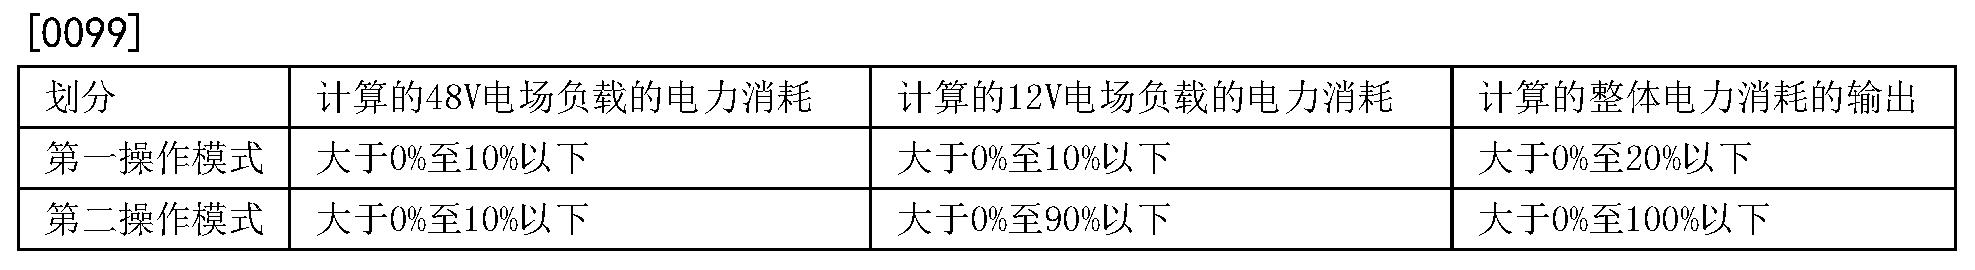 Figure CN104753352BD00101